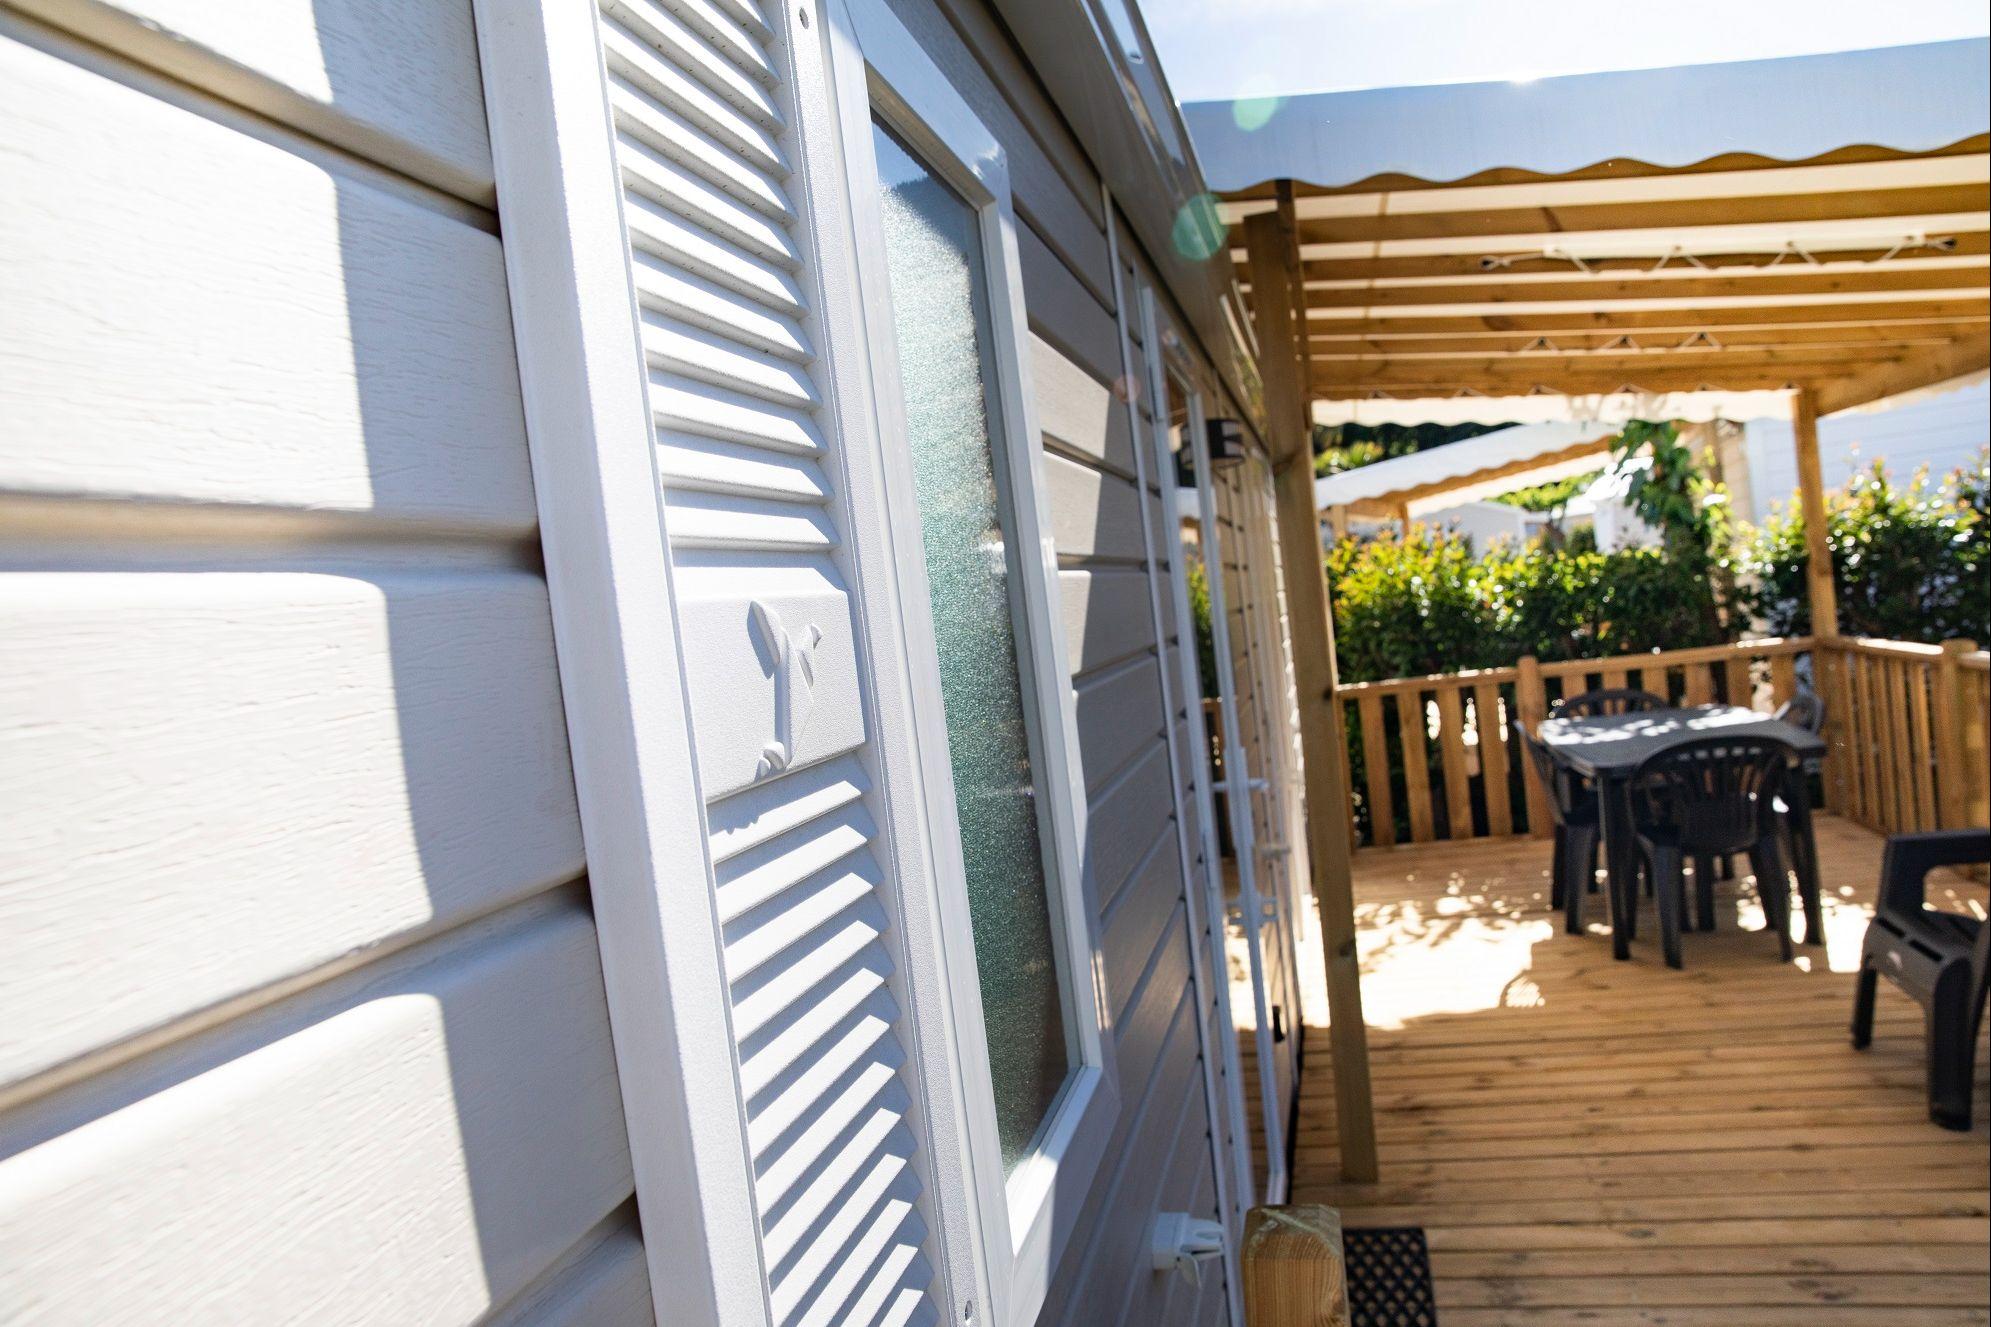 residences trigano-trouver-parcelle-mobil home-partenaire-RT